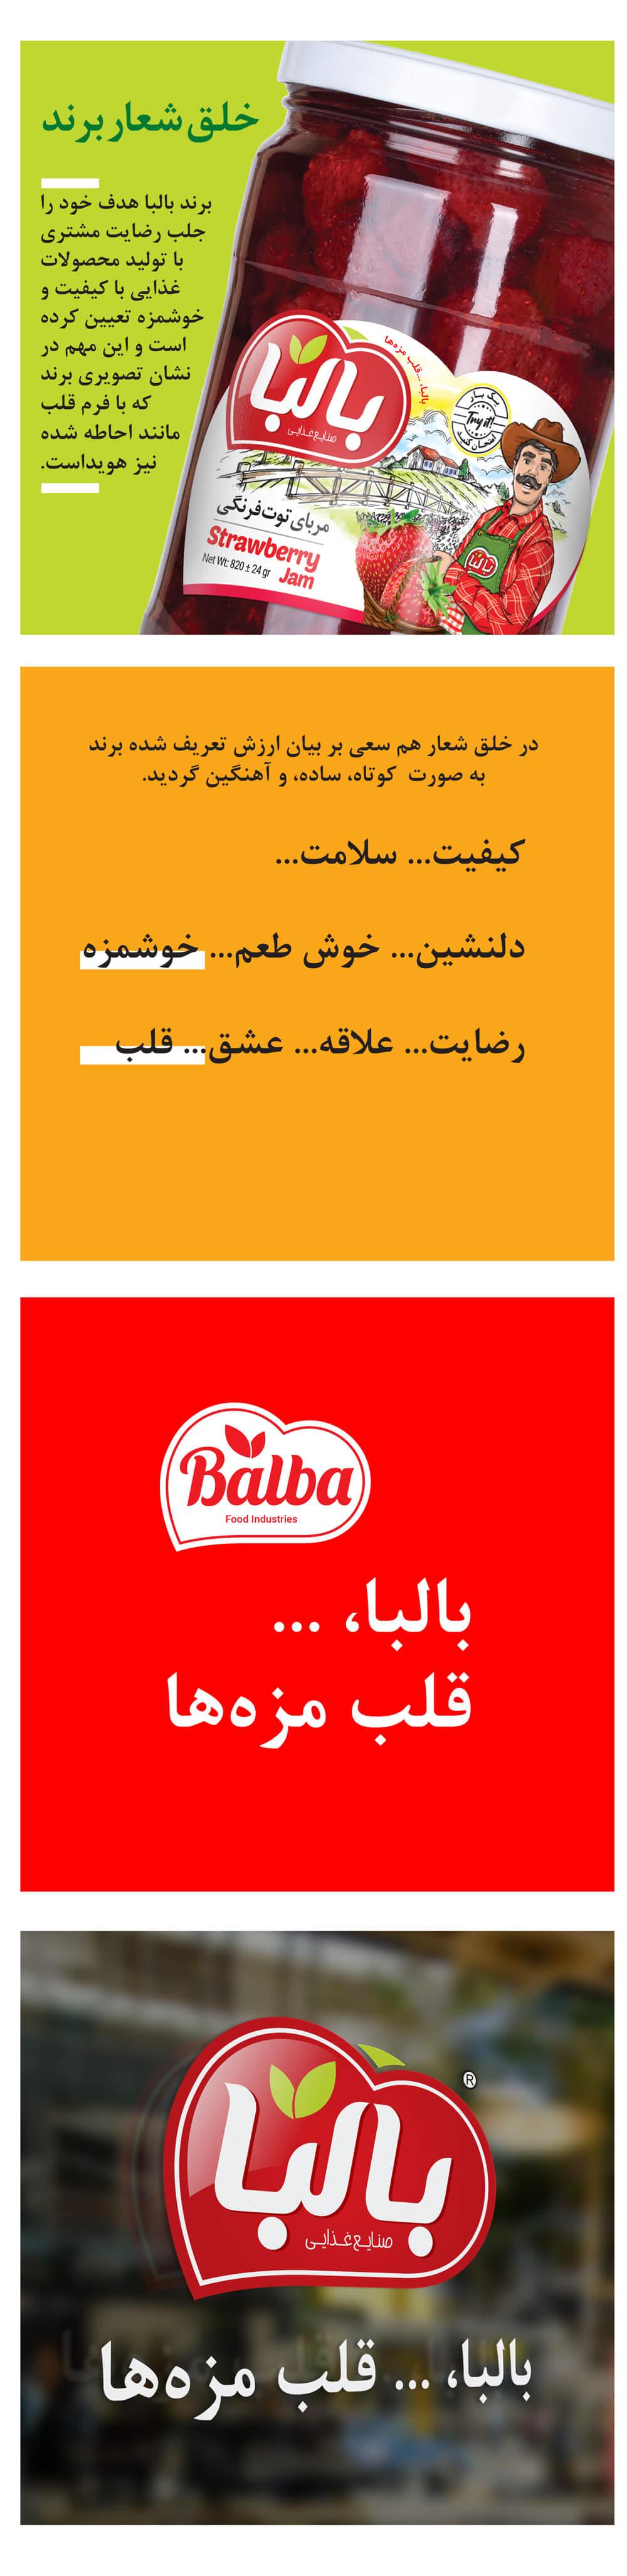 شعار تبلیغاتی صنایع غذایی بالبا